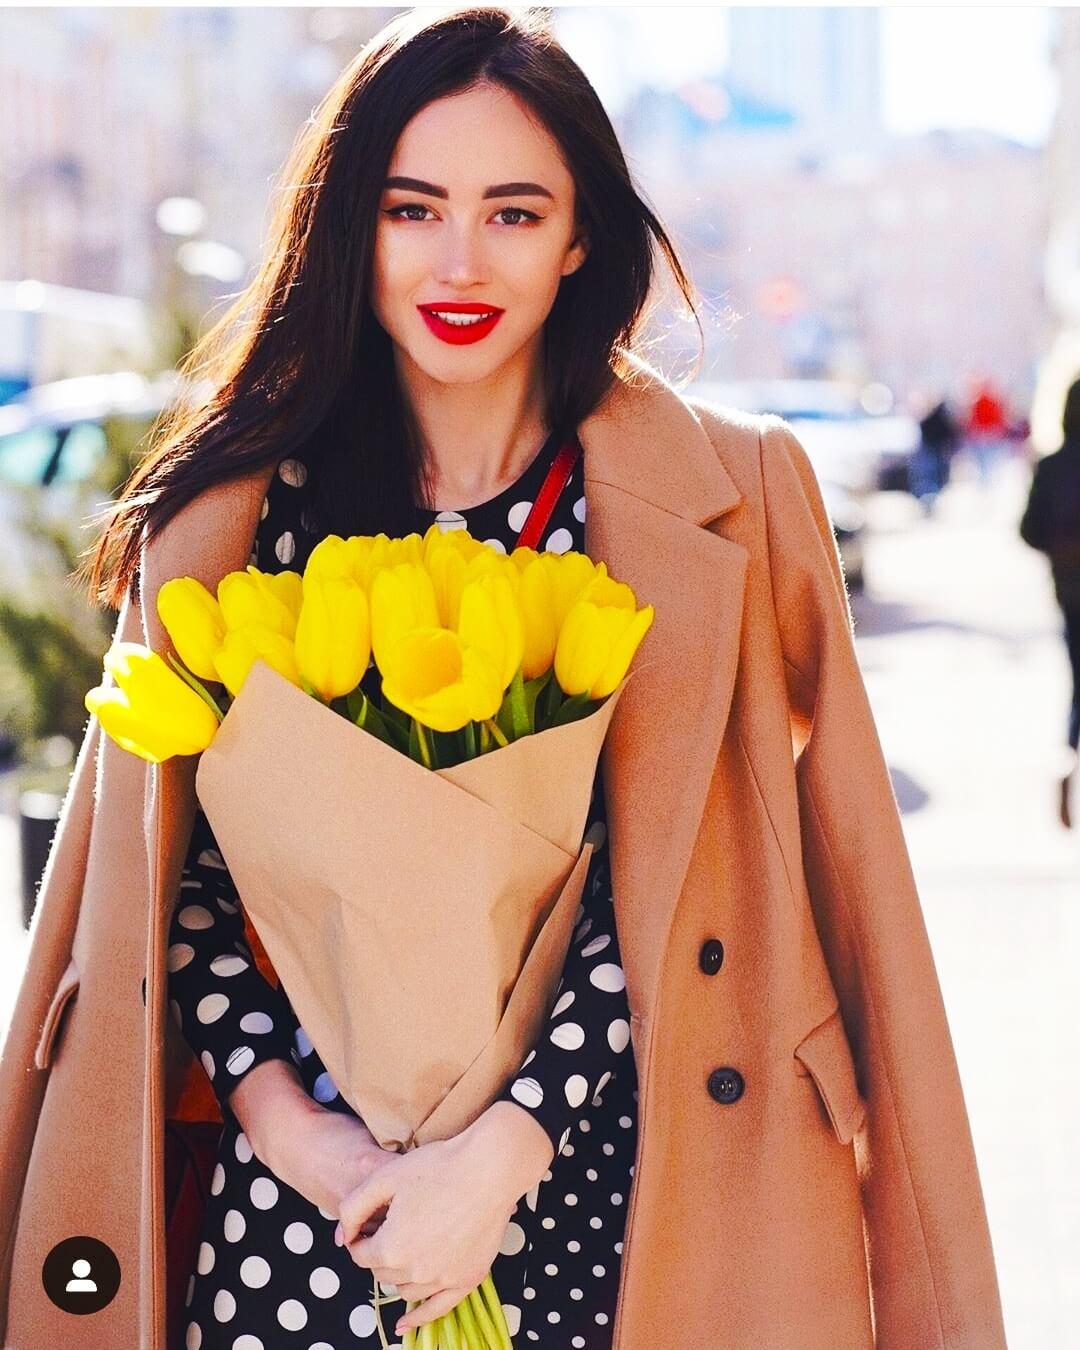 Изображение девушки с букетом красивых желтых тюльпанов